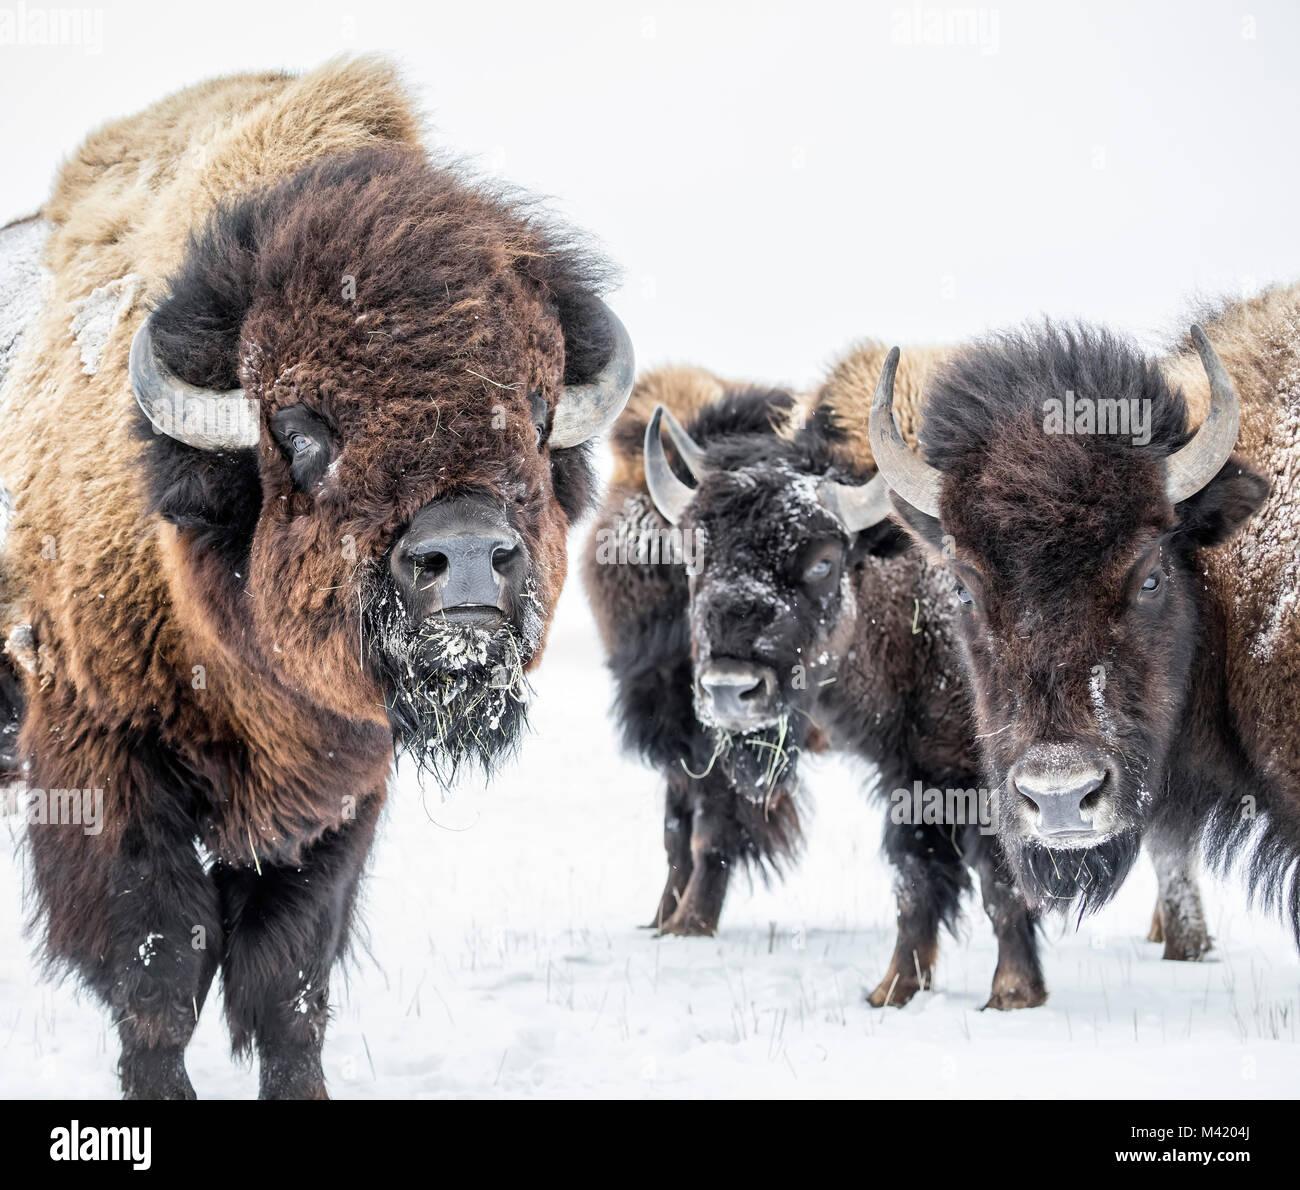 Le pianure Bison (Bison bison bison) o bufalo americano, in inverno, Manitoba, Canada. Immagini Stock